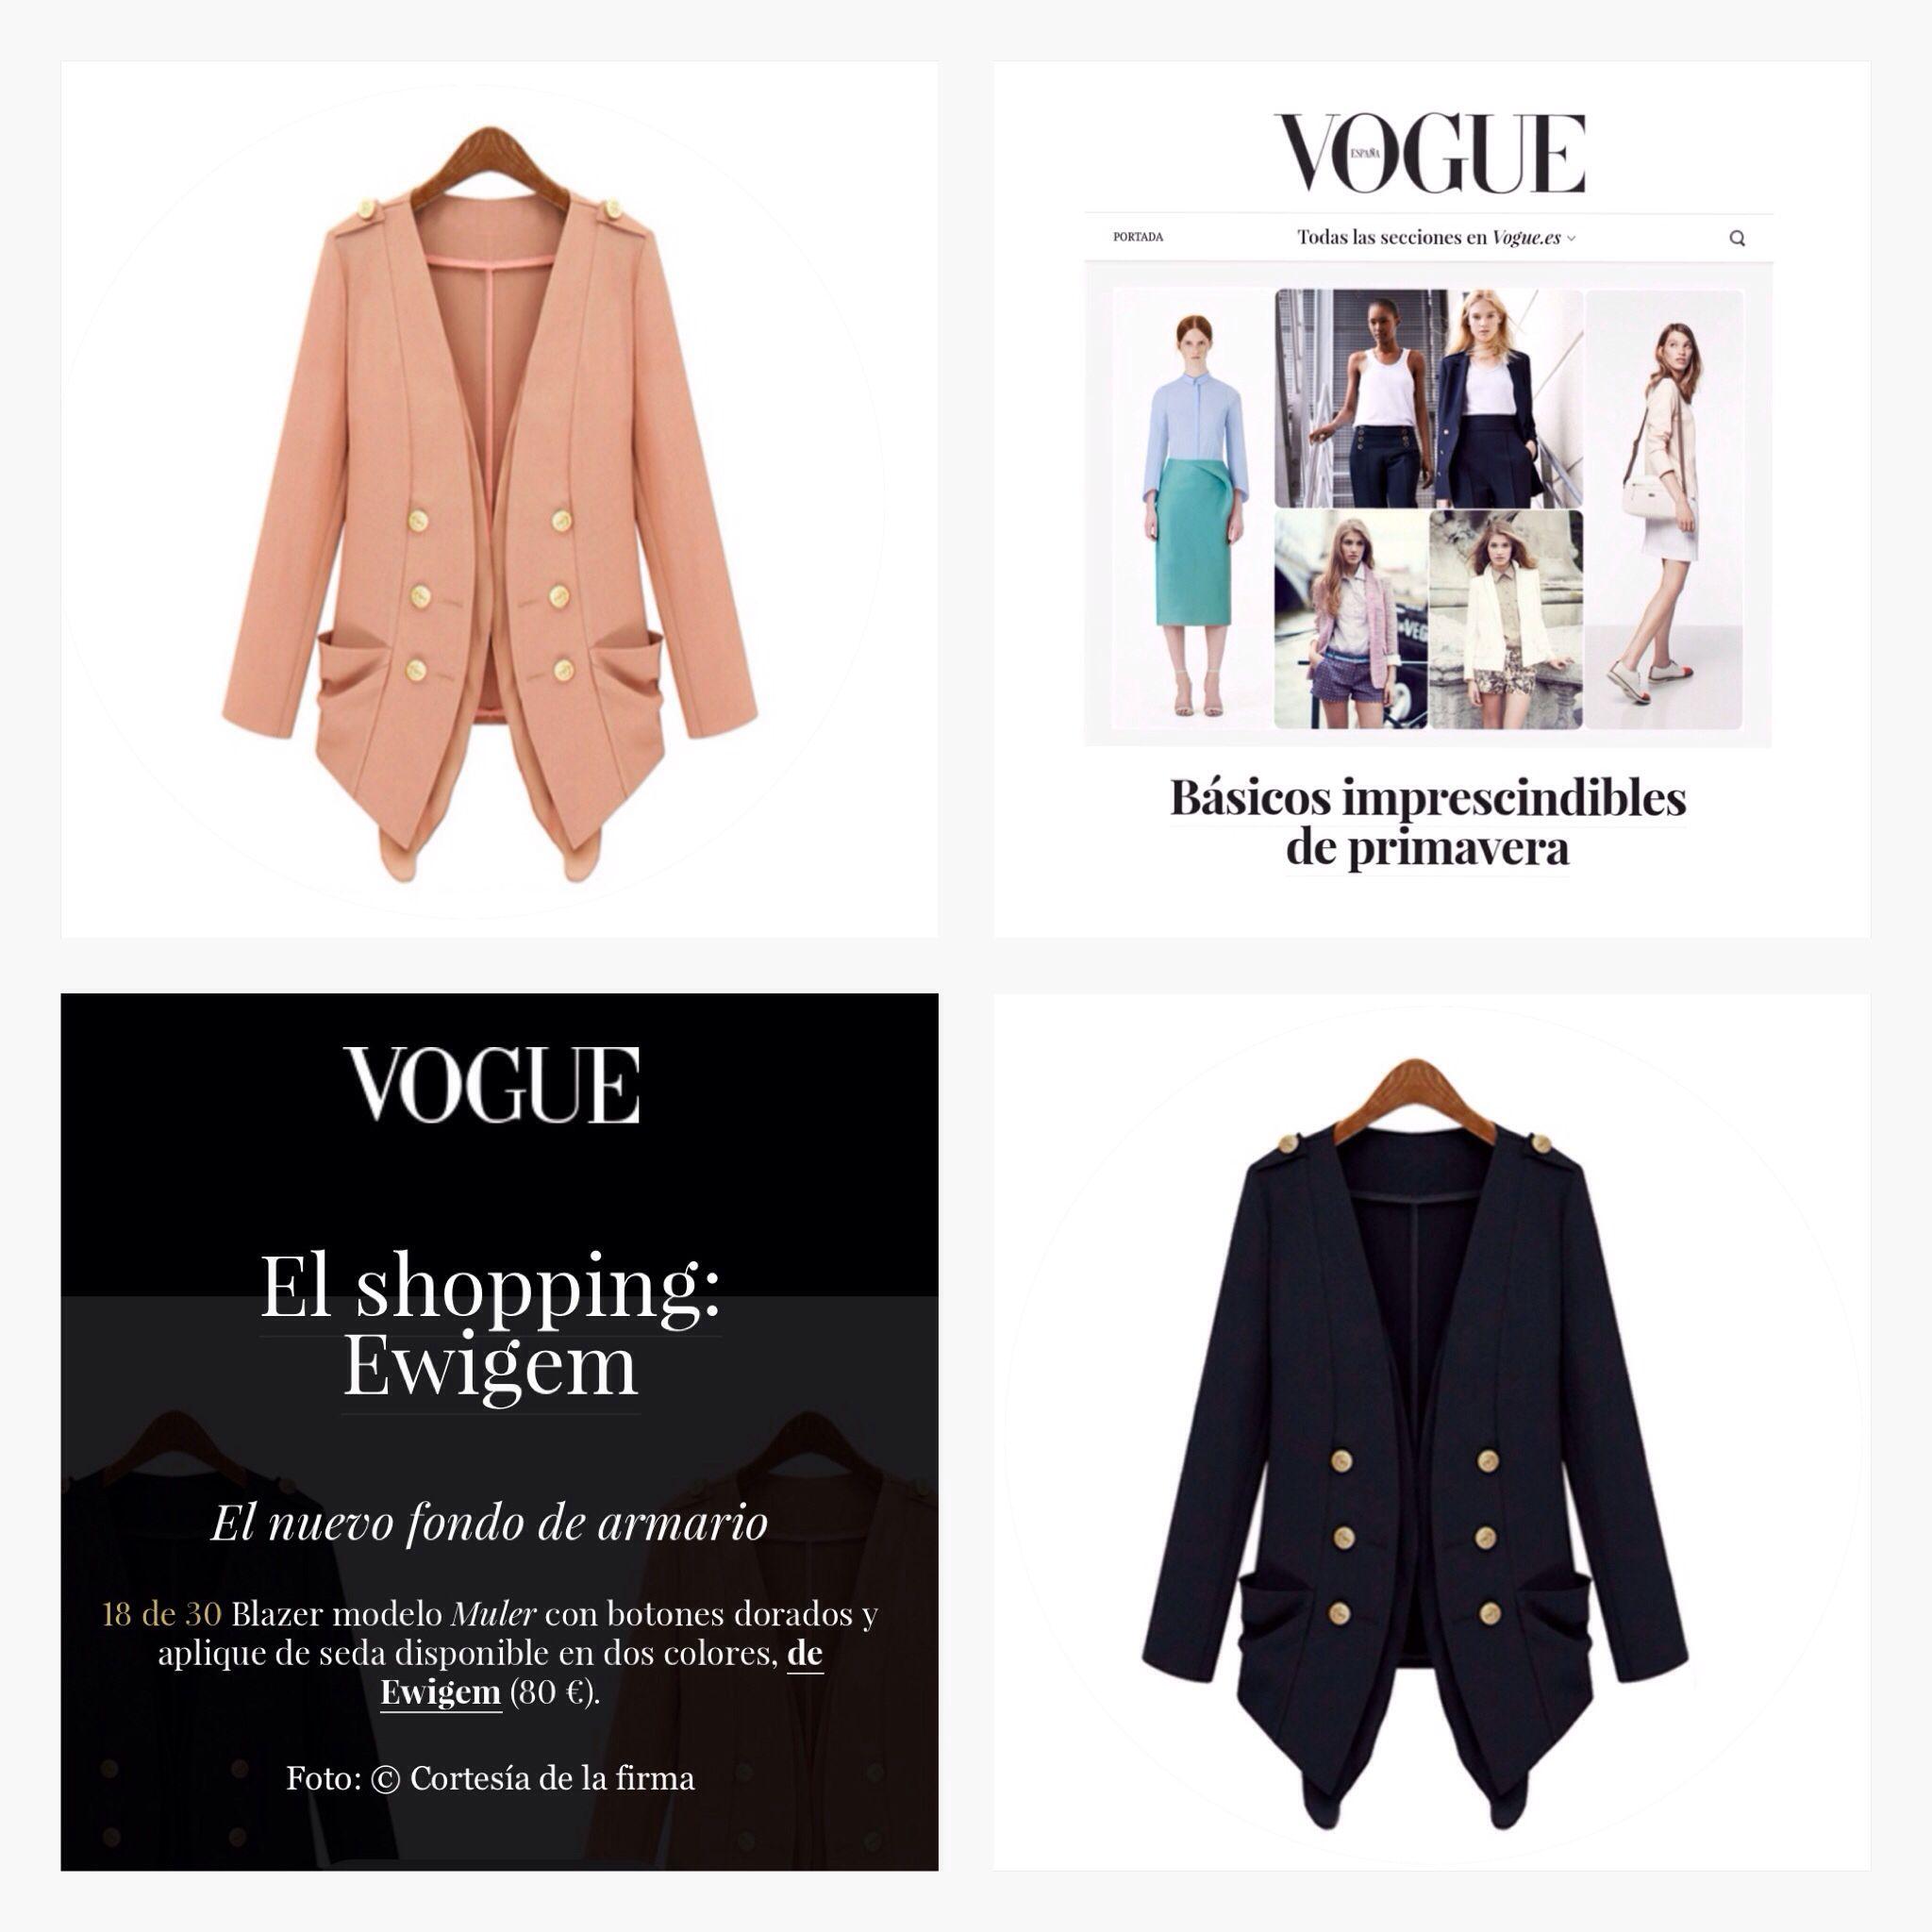 Básicos imprescindibles de primavera. VOGUE vuelve a recomendar nuestra blazer Muler como básico imprescindible.  http://www.vogue.es/moda/dress-for-less/galerias/basicos-imprescindibles-de-primavera/10790/image/844187